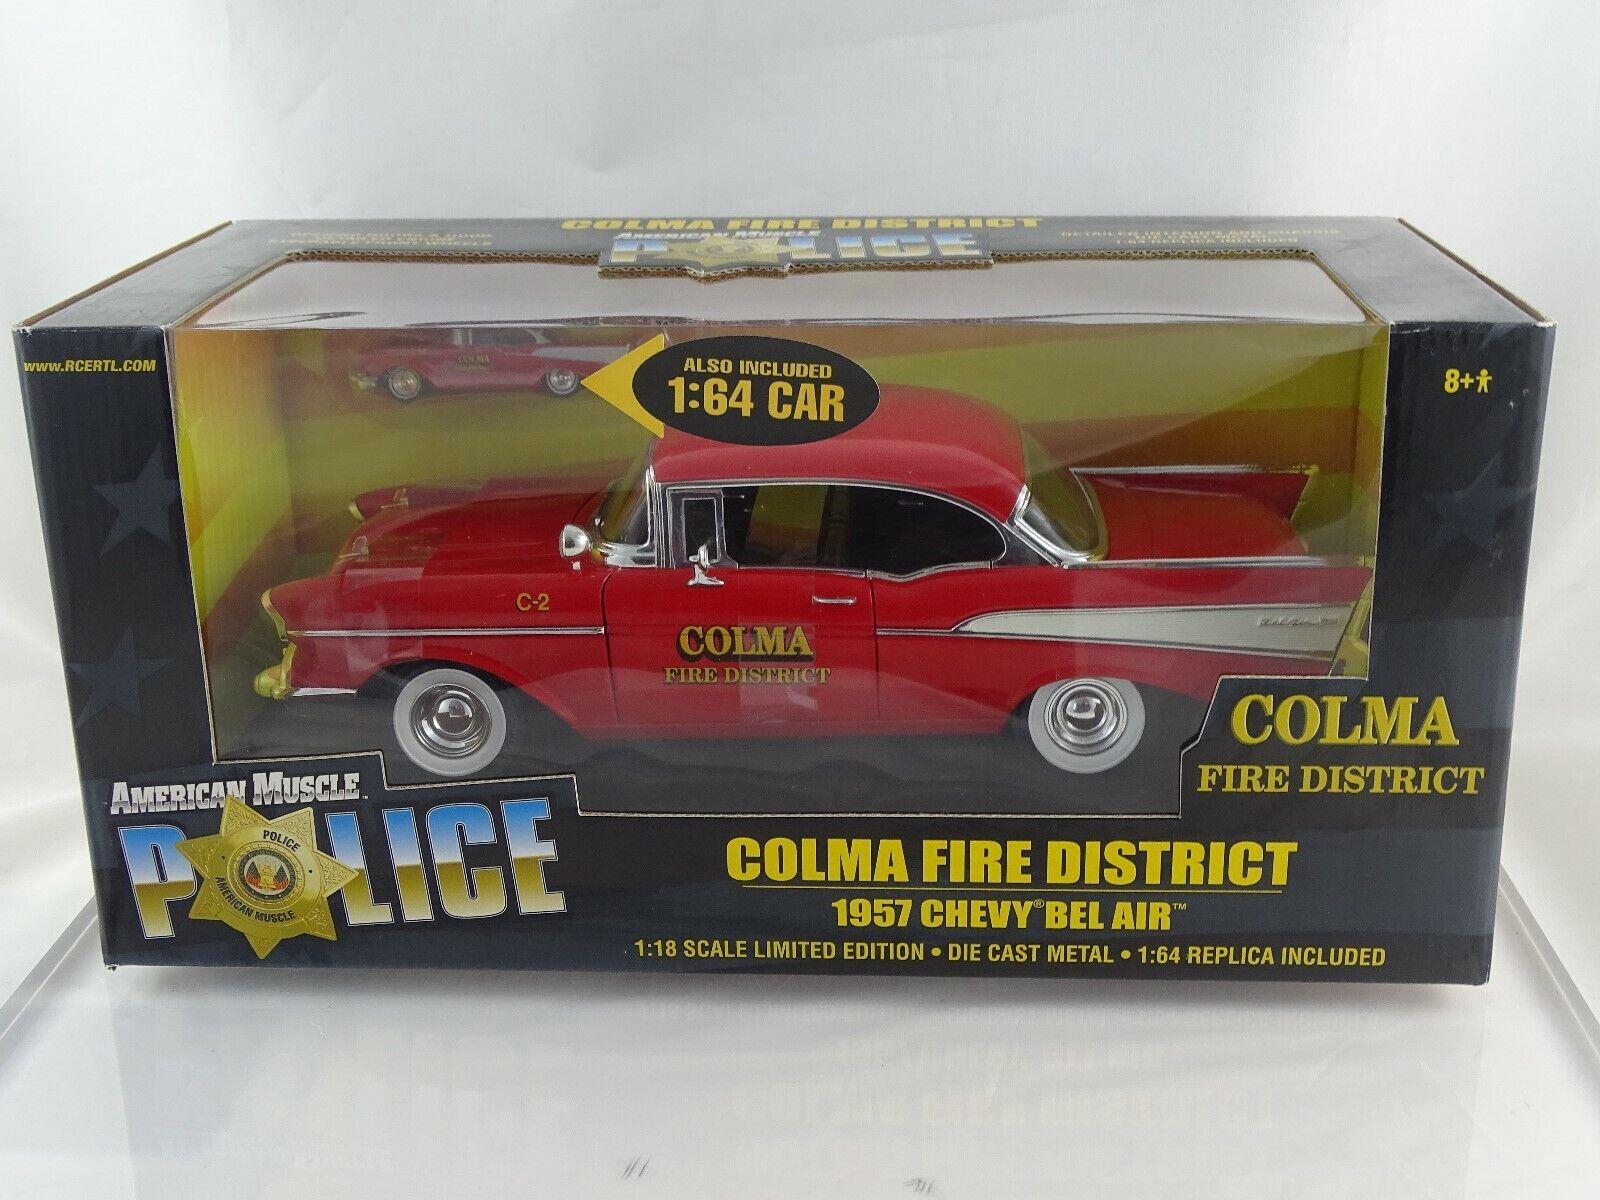 varios tamaños 1 18 ertl American American American muscle 33044 1957 Chevy Bel Air colma Fire + 1 64 Coche Limited  Venta en línea precio bajo descuento